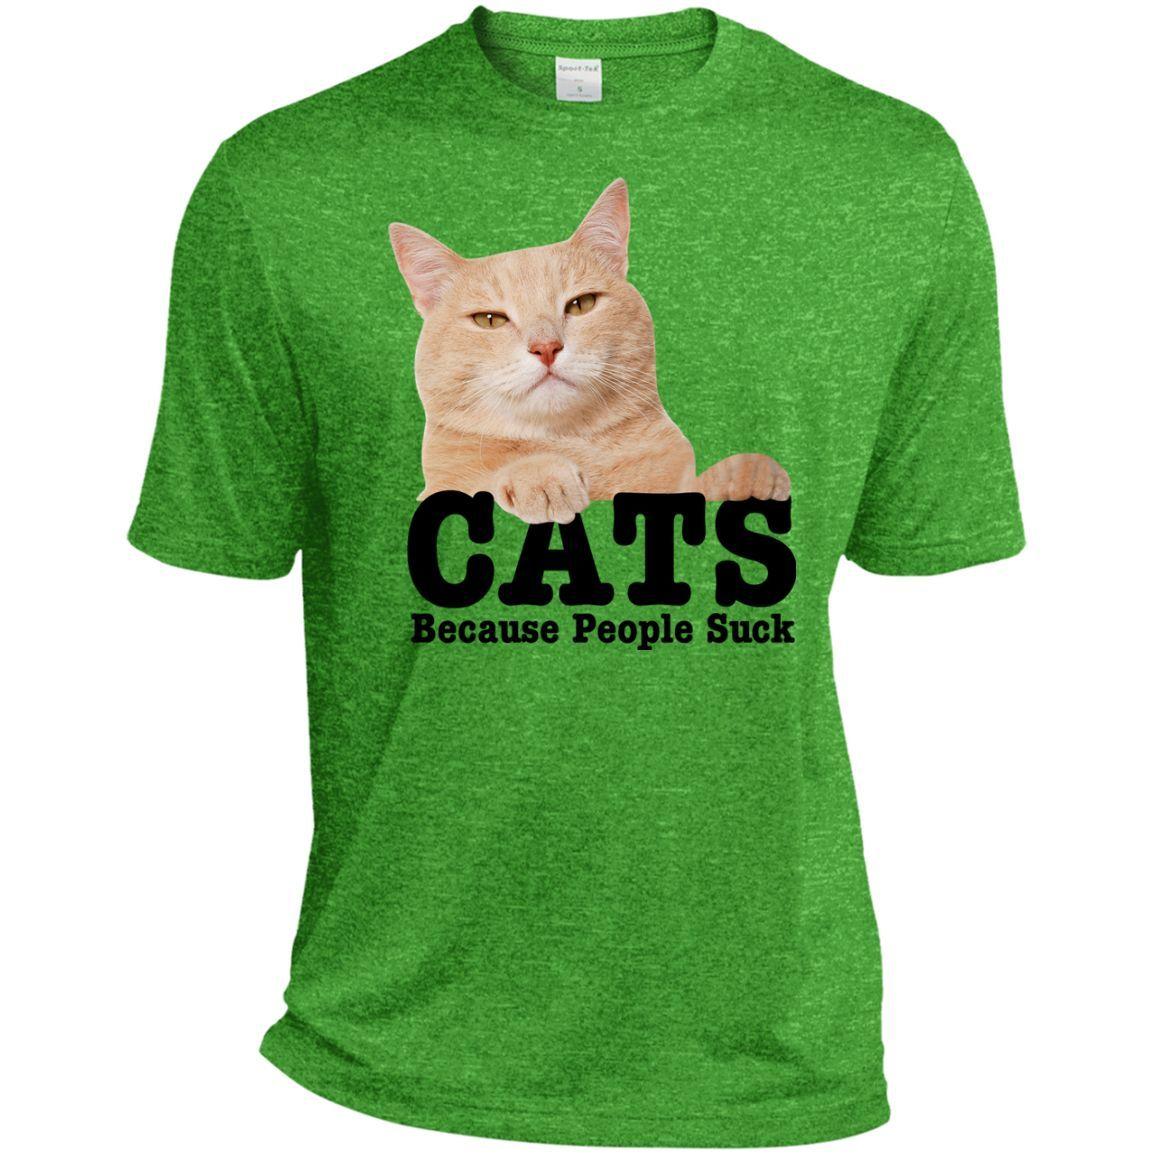 Cat-Cats Tall Heather Dri-Fit Moisture-Wicking Tee